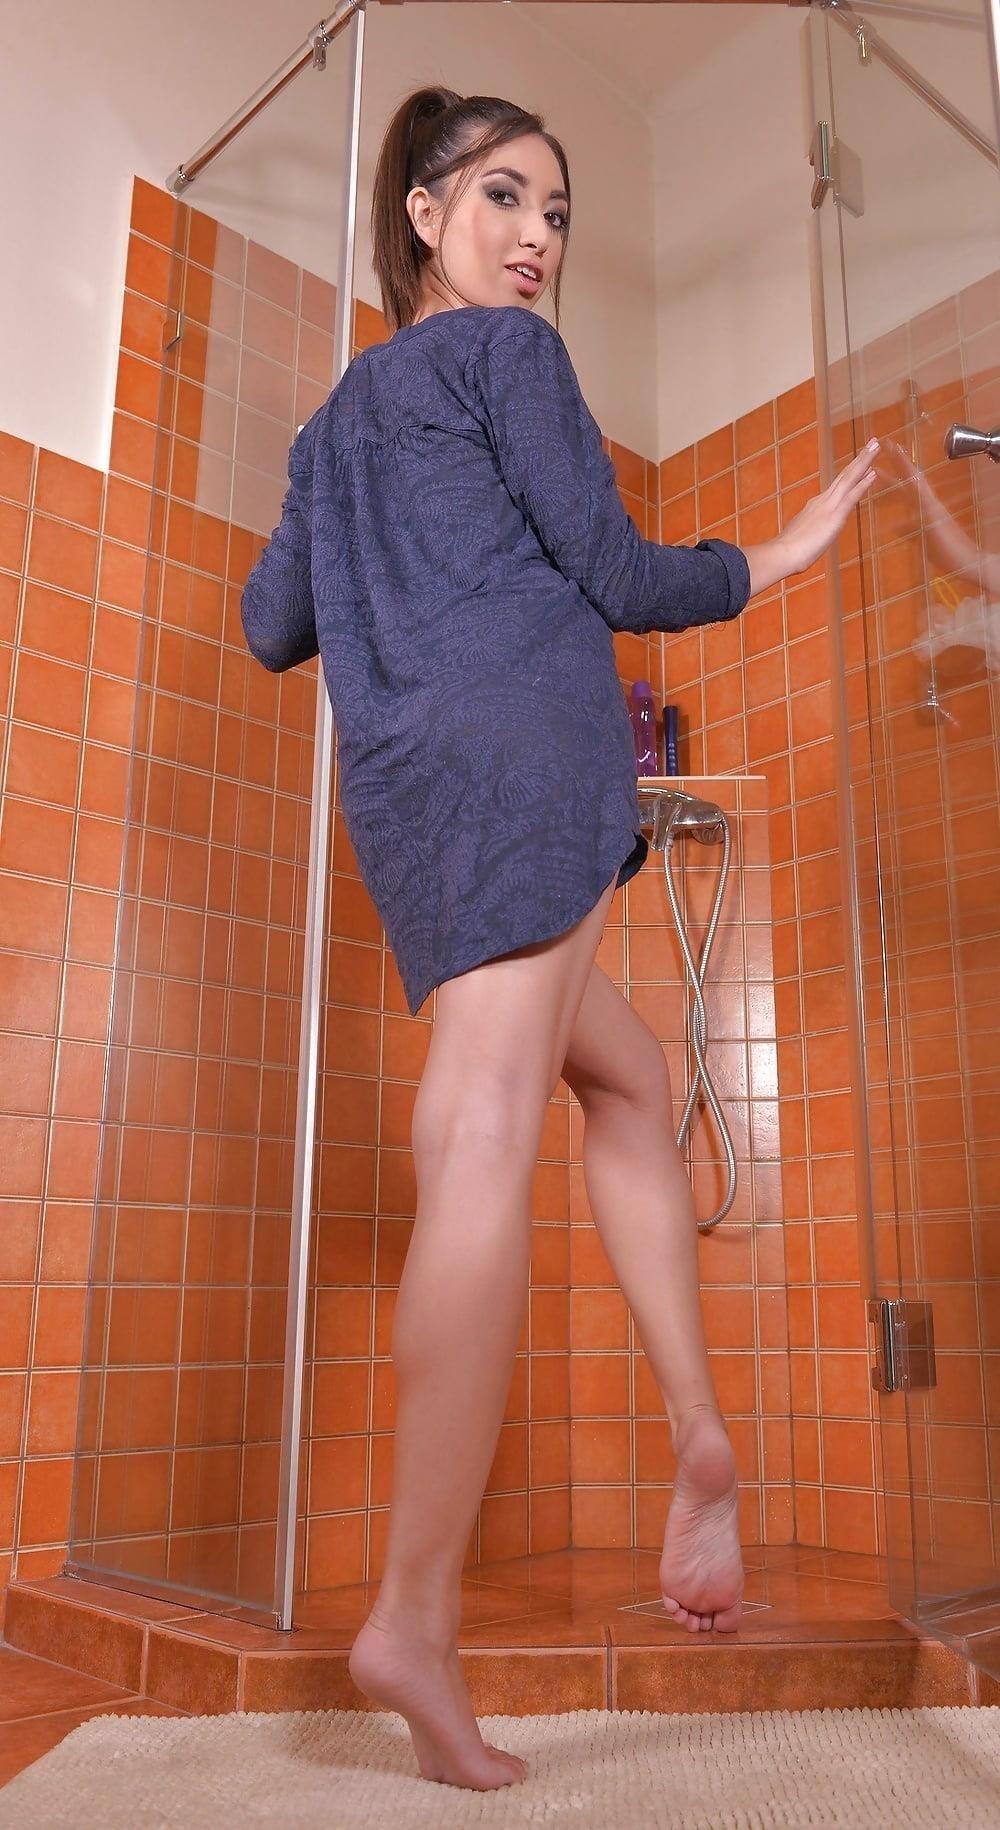 Frida sante feet-4842